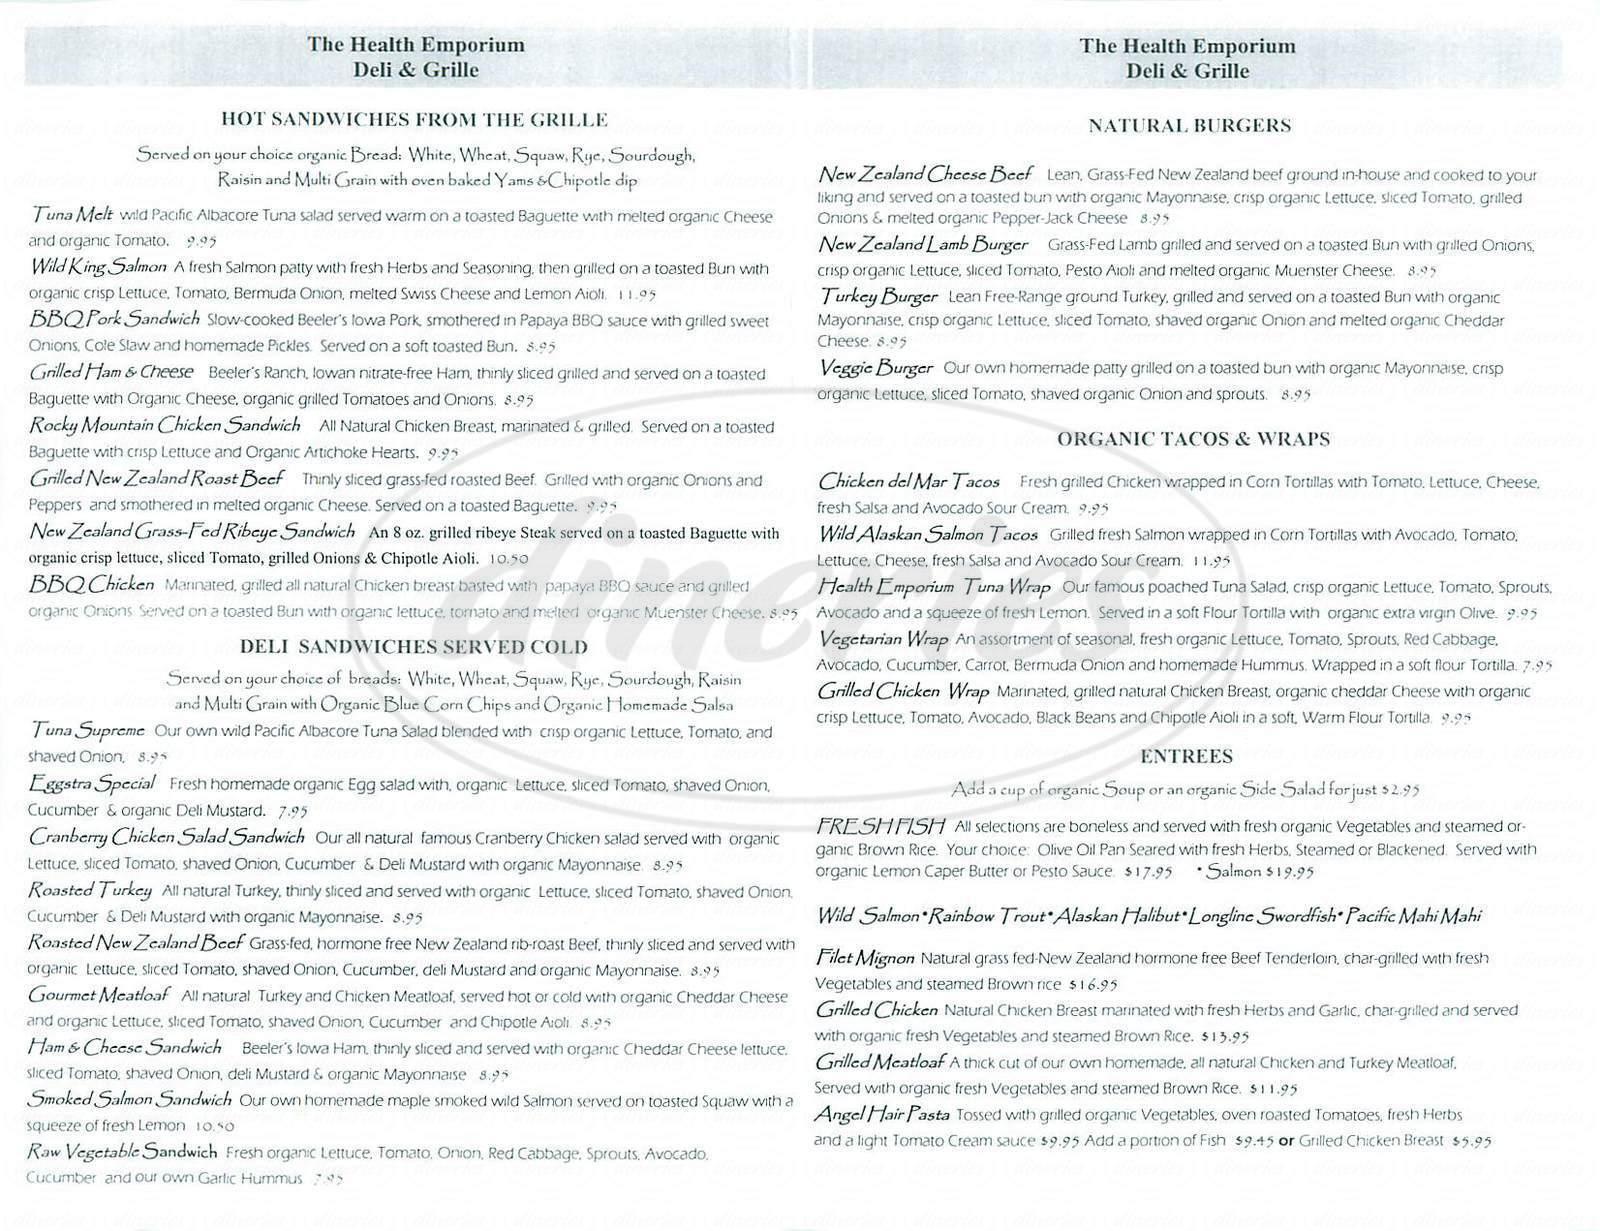 menu for The Health Emporium